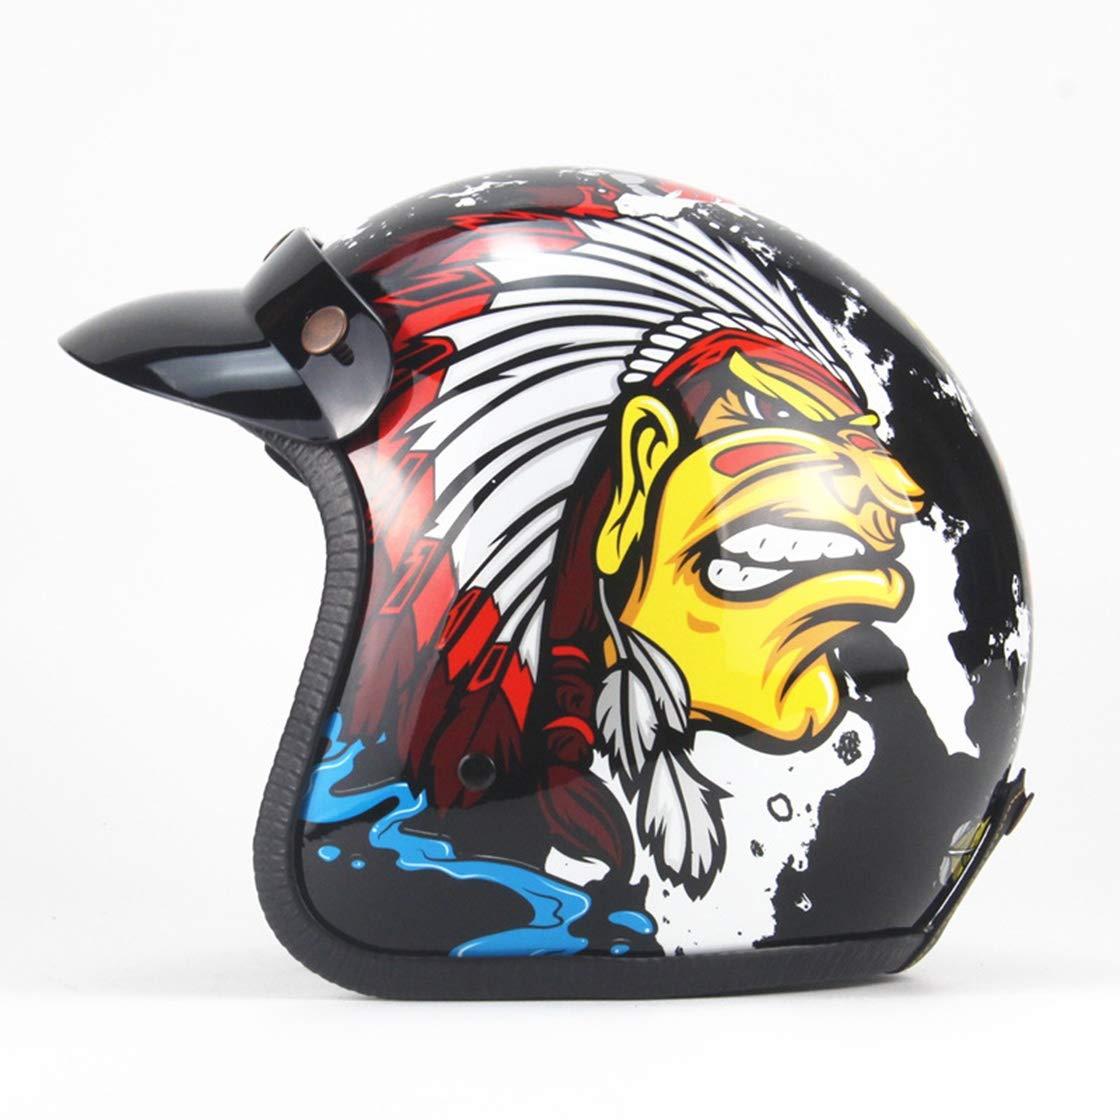 Tnosky Retro Motocross Helme Schädel Drachen Totem Leicht Ausrüstung im Freien Multifunktion Abnehmbare Sonnenblende Radfahren Motorrad Schutz Deluxe Helm, B, S